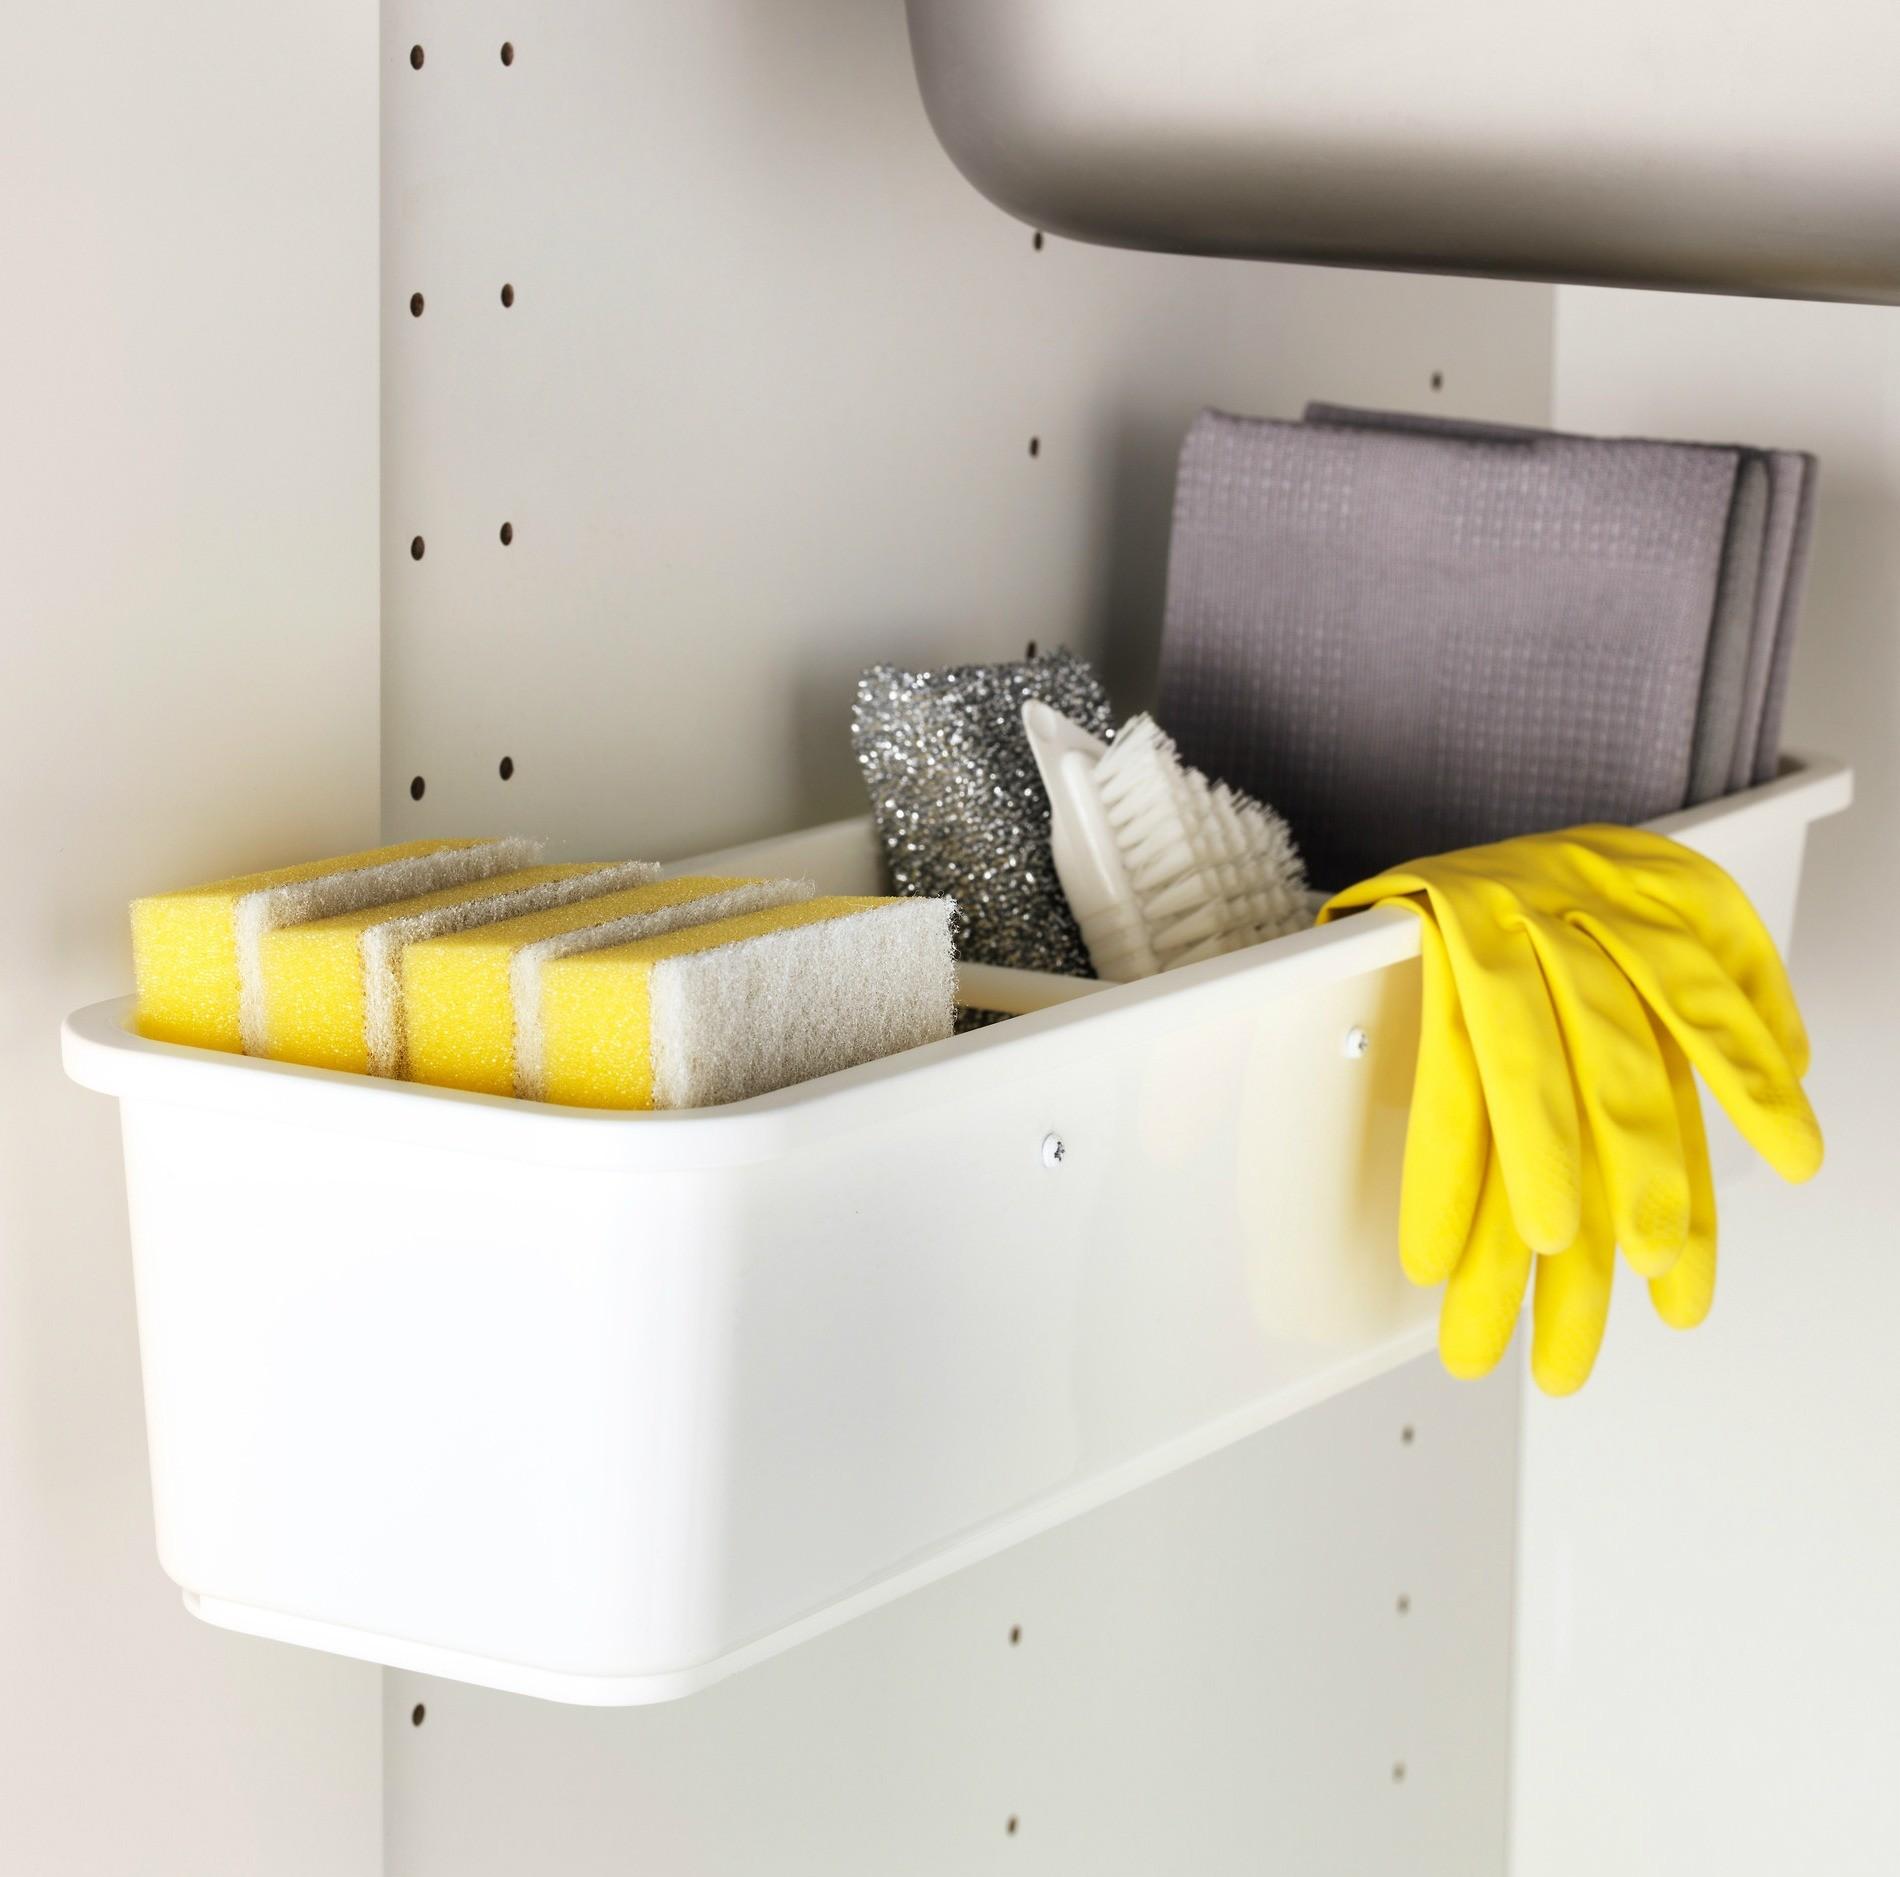 Такой мини-контейнер располагается прямо под раковиной - и при необходимости легко выдвигается, предоставляя удобный доступ к содержимому.